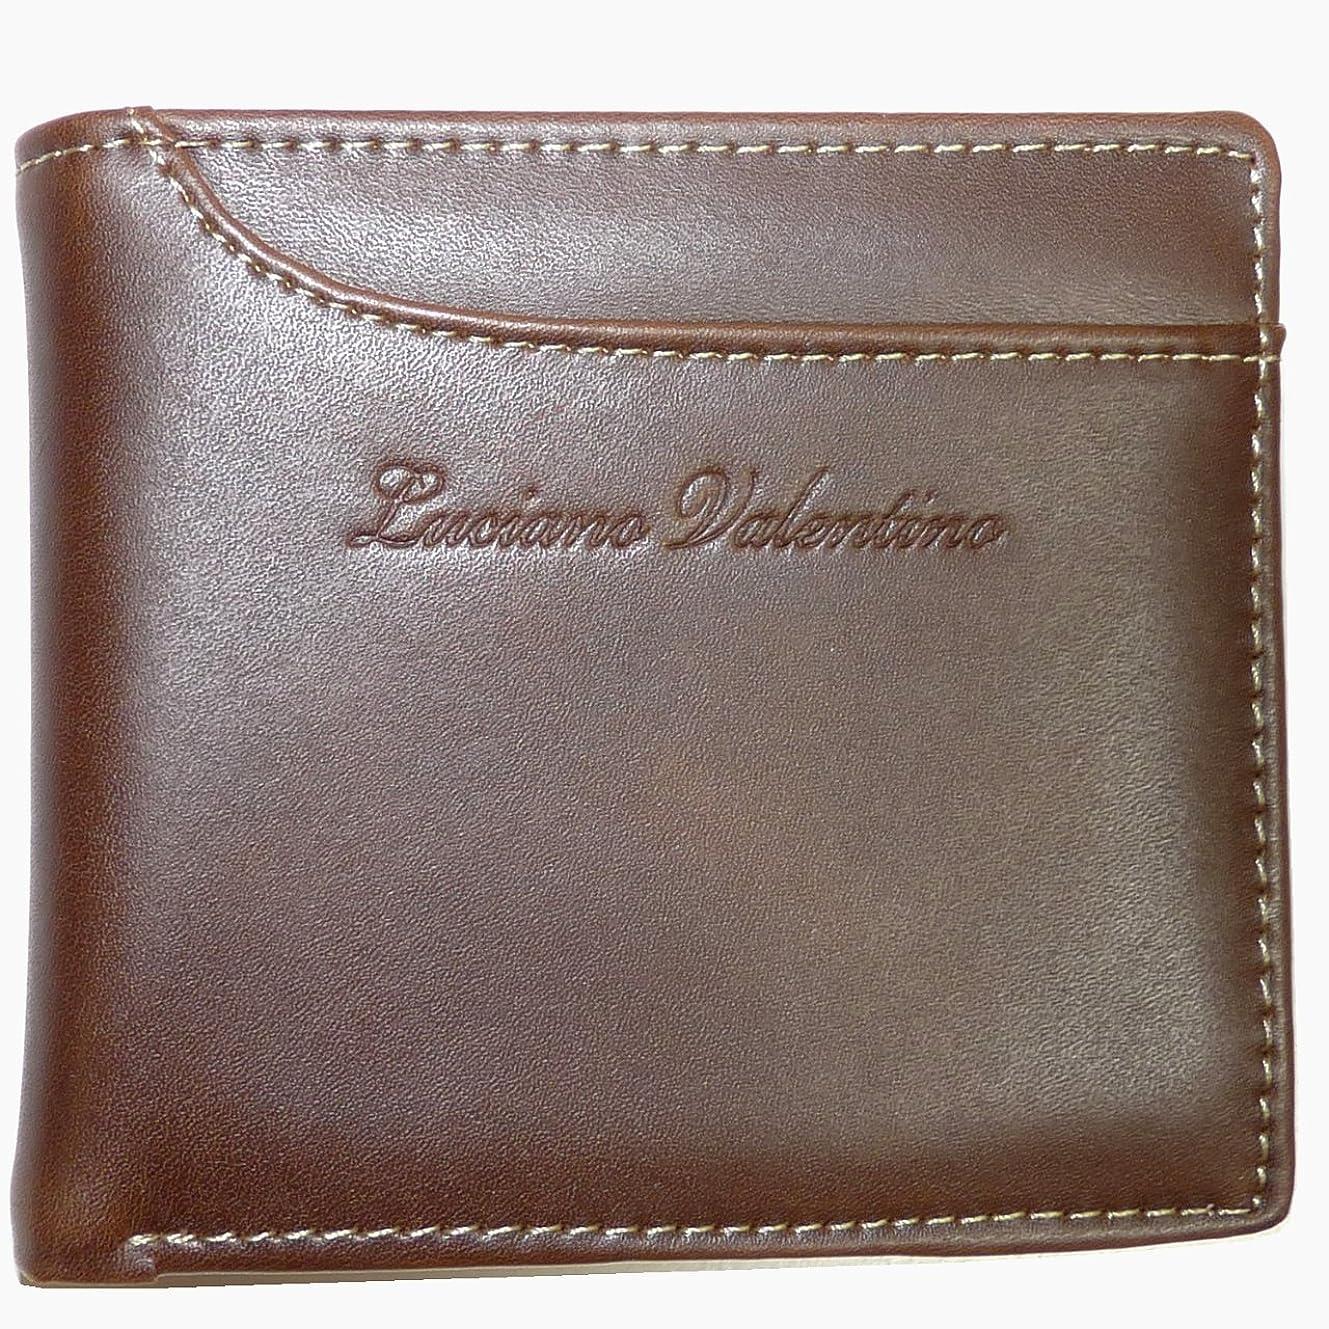 終了しました子頑張る[LUCIANO VALENTINO ルチアーノバレンチノ] かっこいい大人のカードスライダー短財布 (スムースレザー LUV-2005) (ブラウン)